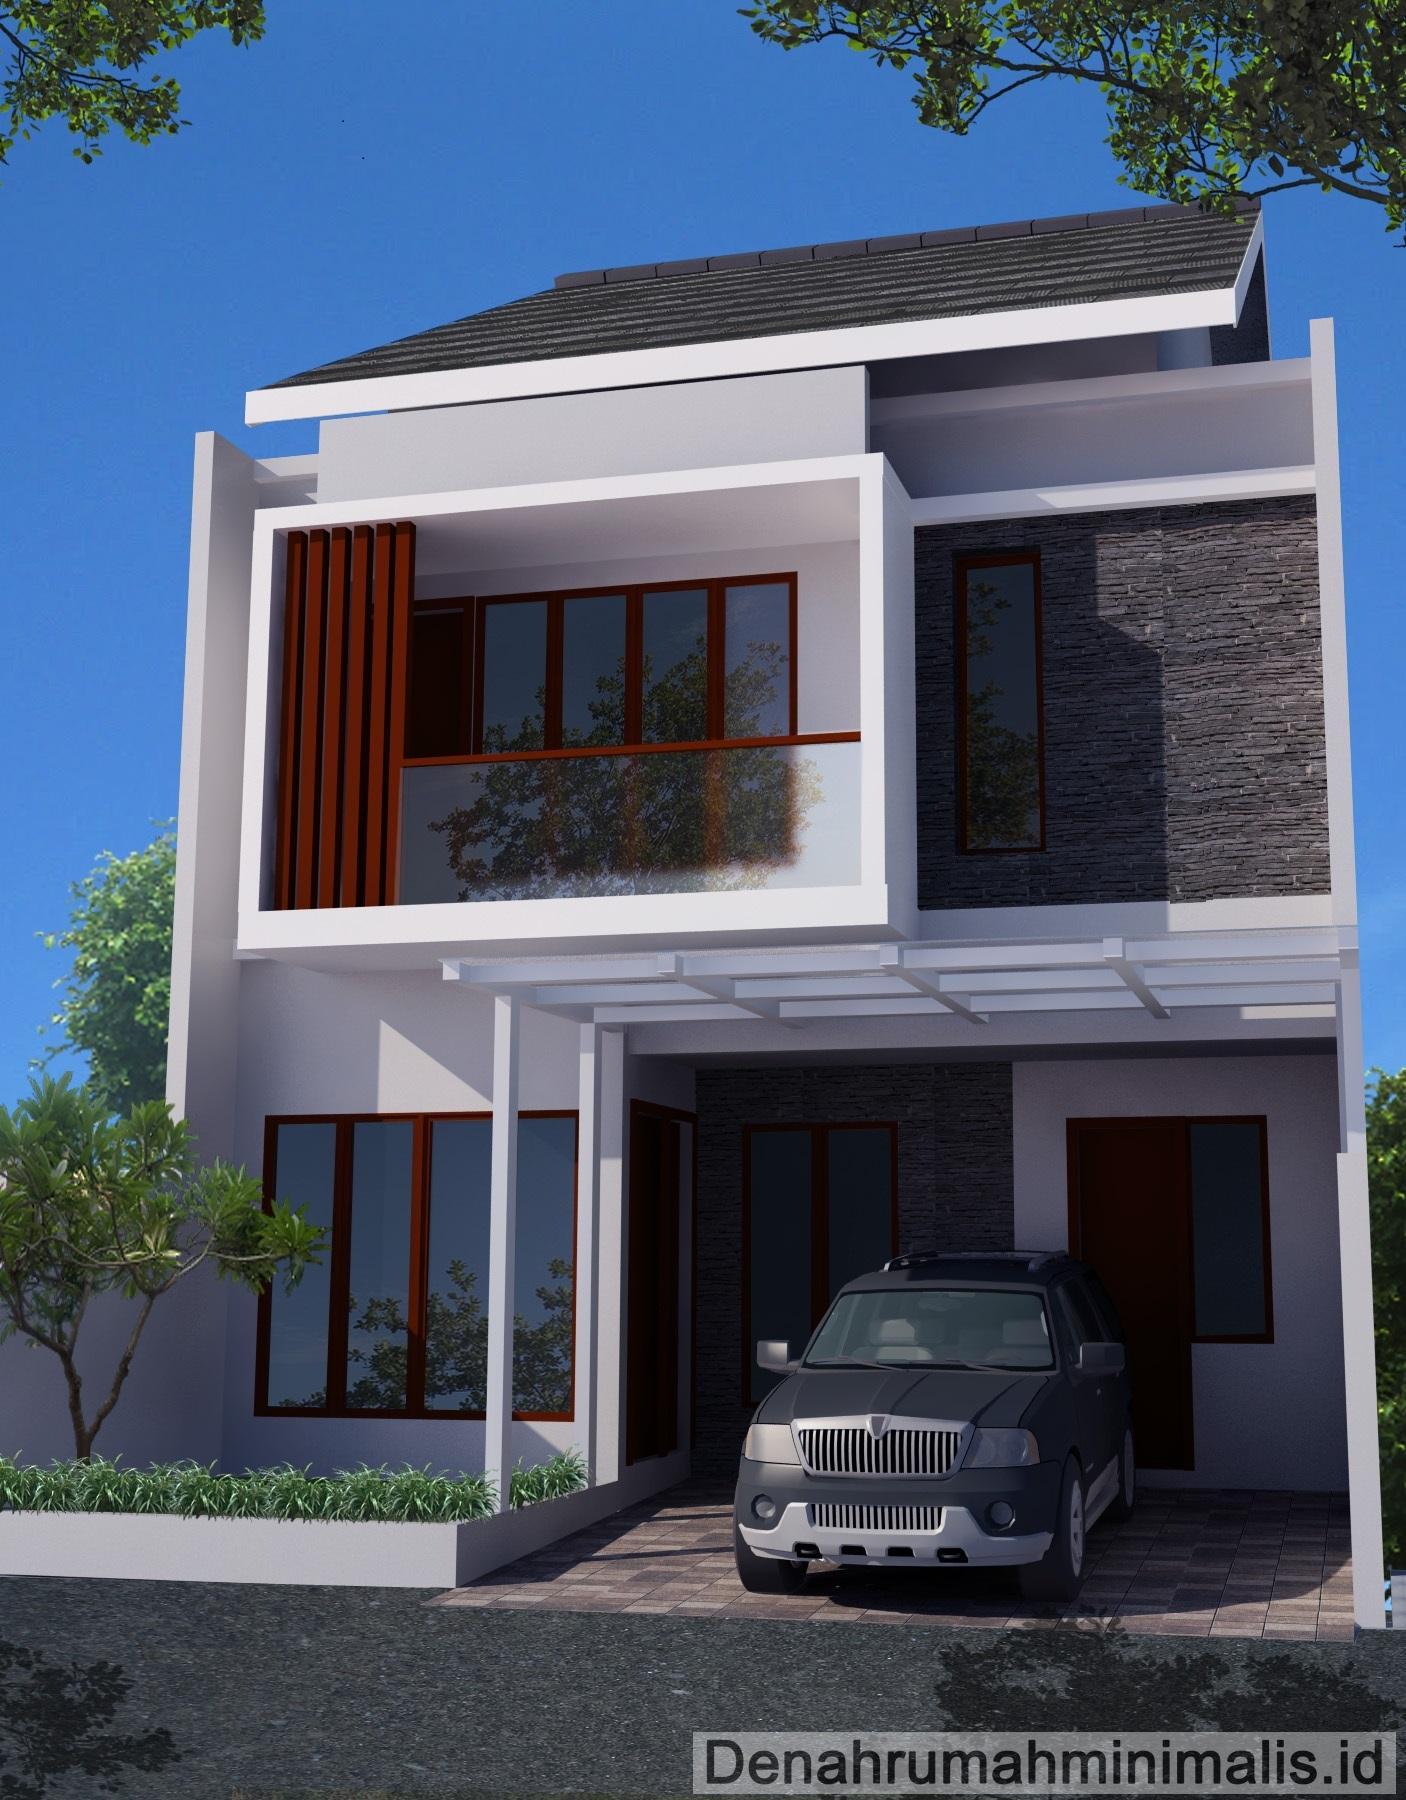 Wow 21 Gambar Rumah Perumahan 15 Tentang Desain Rumah Gaya Ide Interior oleh 21 Gambar Rumah Perumahan